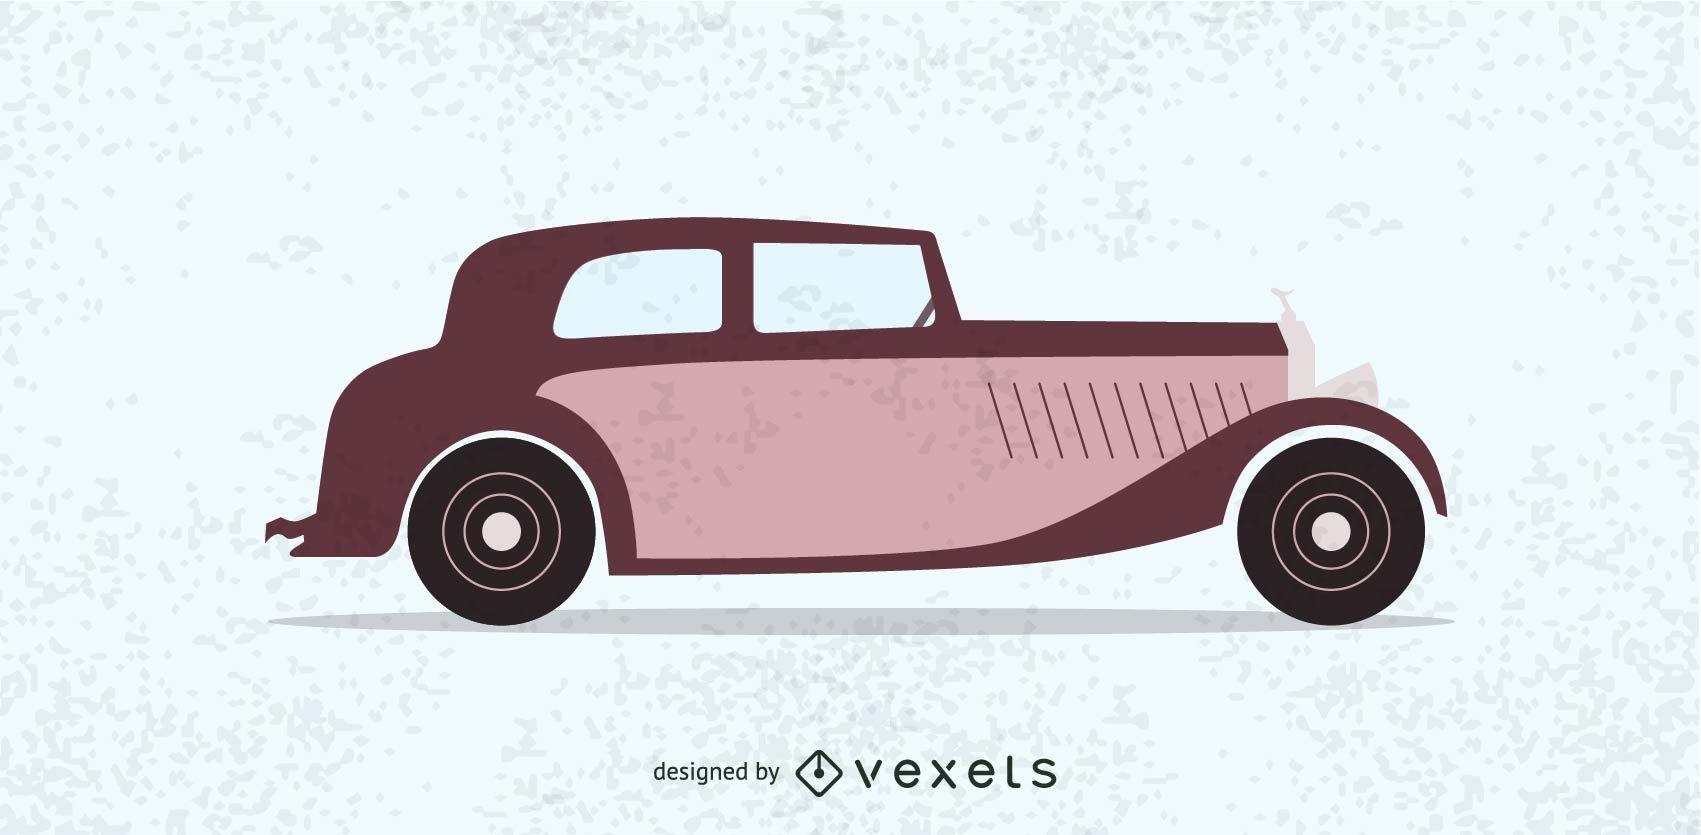 Hot Rod vintage car